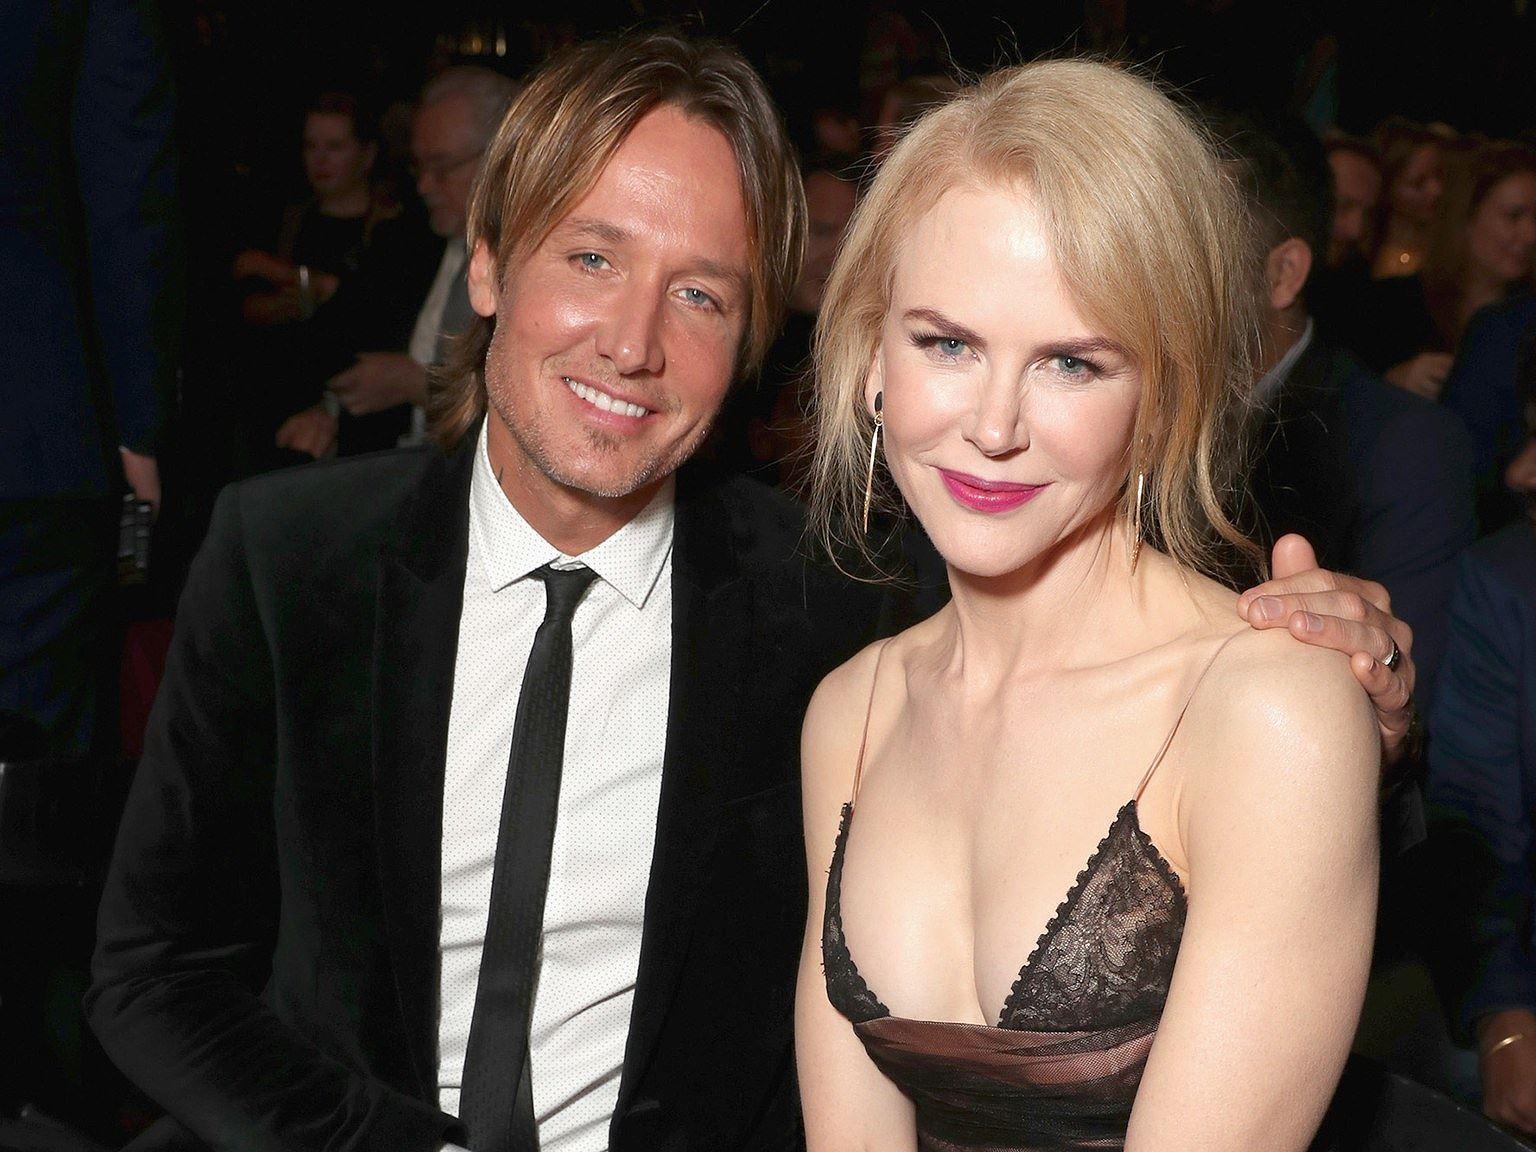 Ngỡ ngàng ngắm Nicole Kidman tóc tém, không nội y quá nóng bỏng Ảnh 12